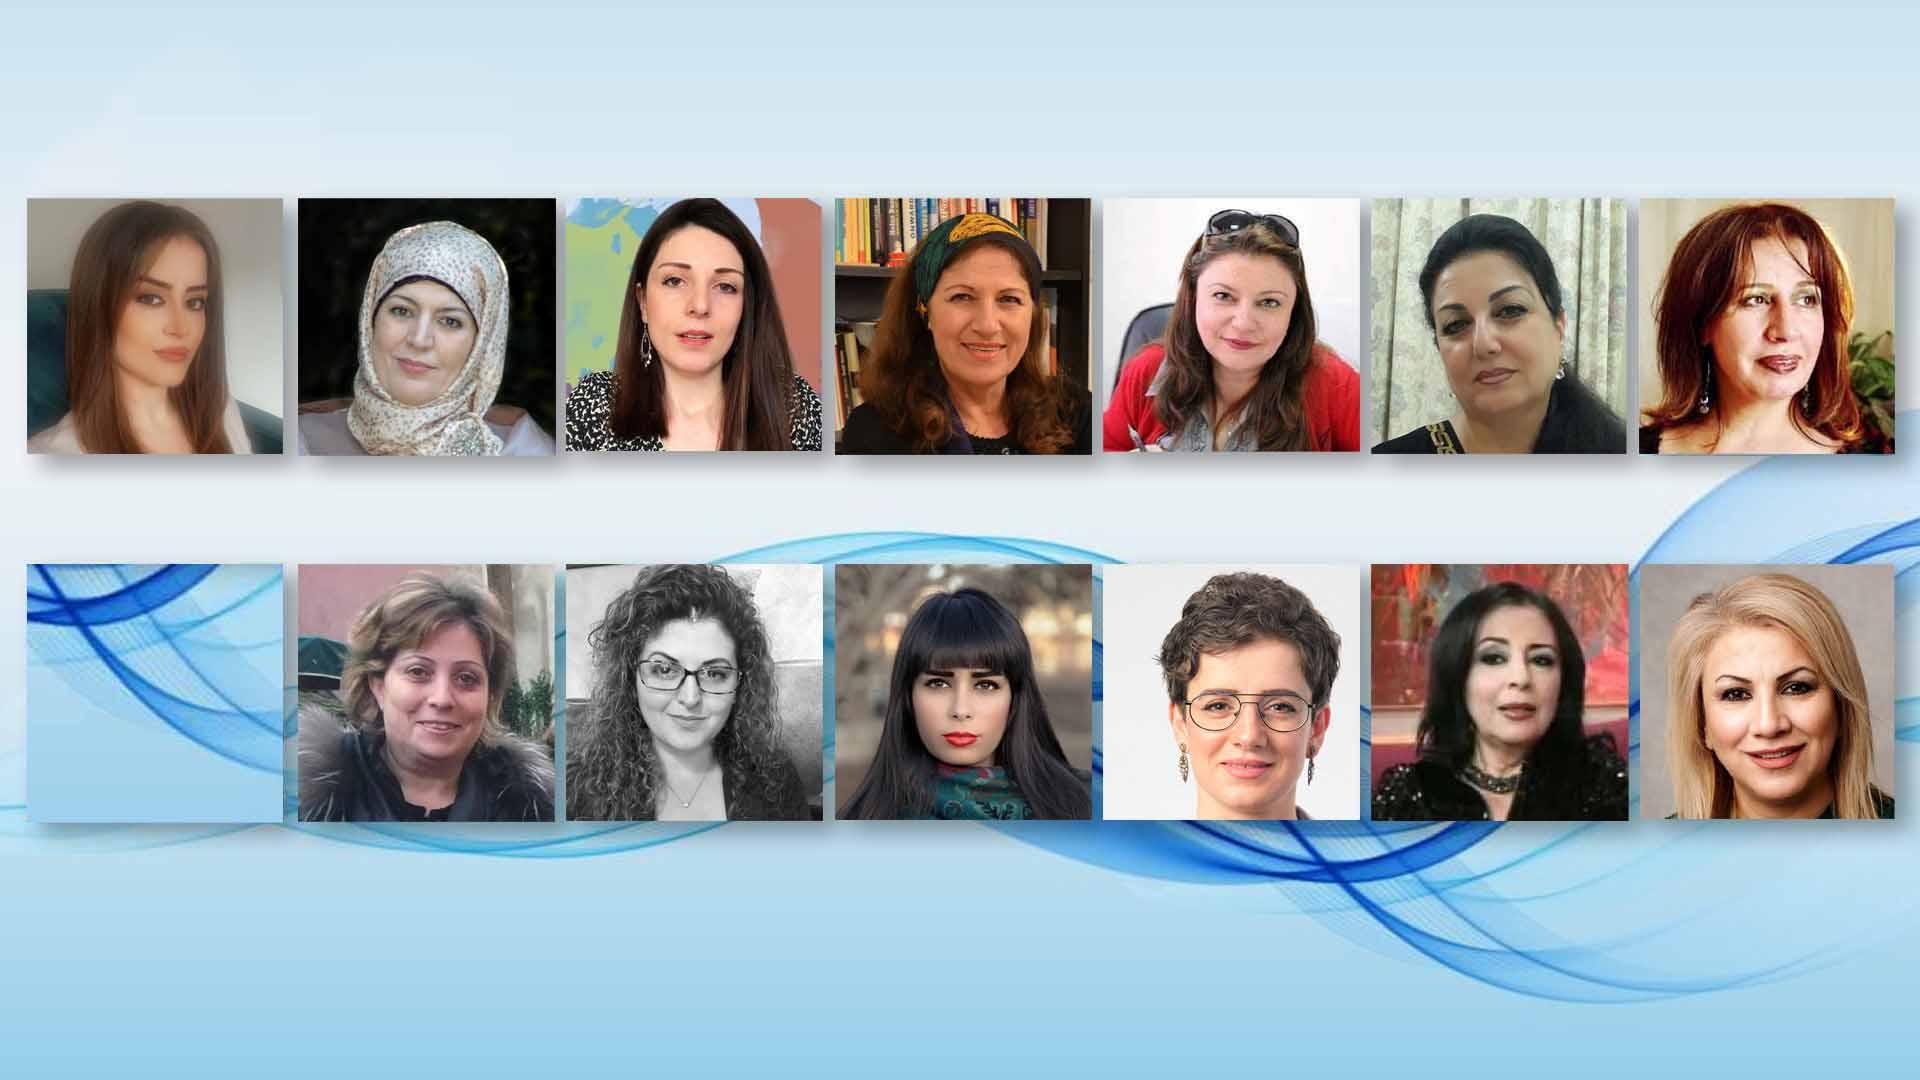 ملف  المبدعات السوريّات والكتابة في مواجهة العنف